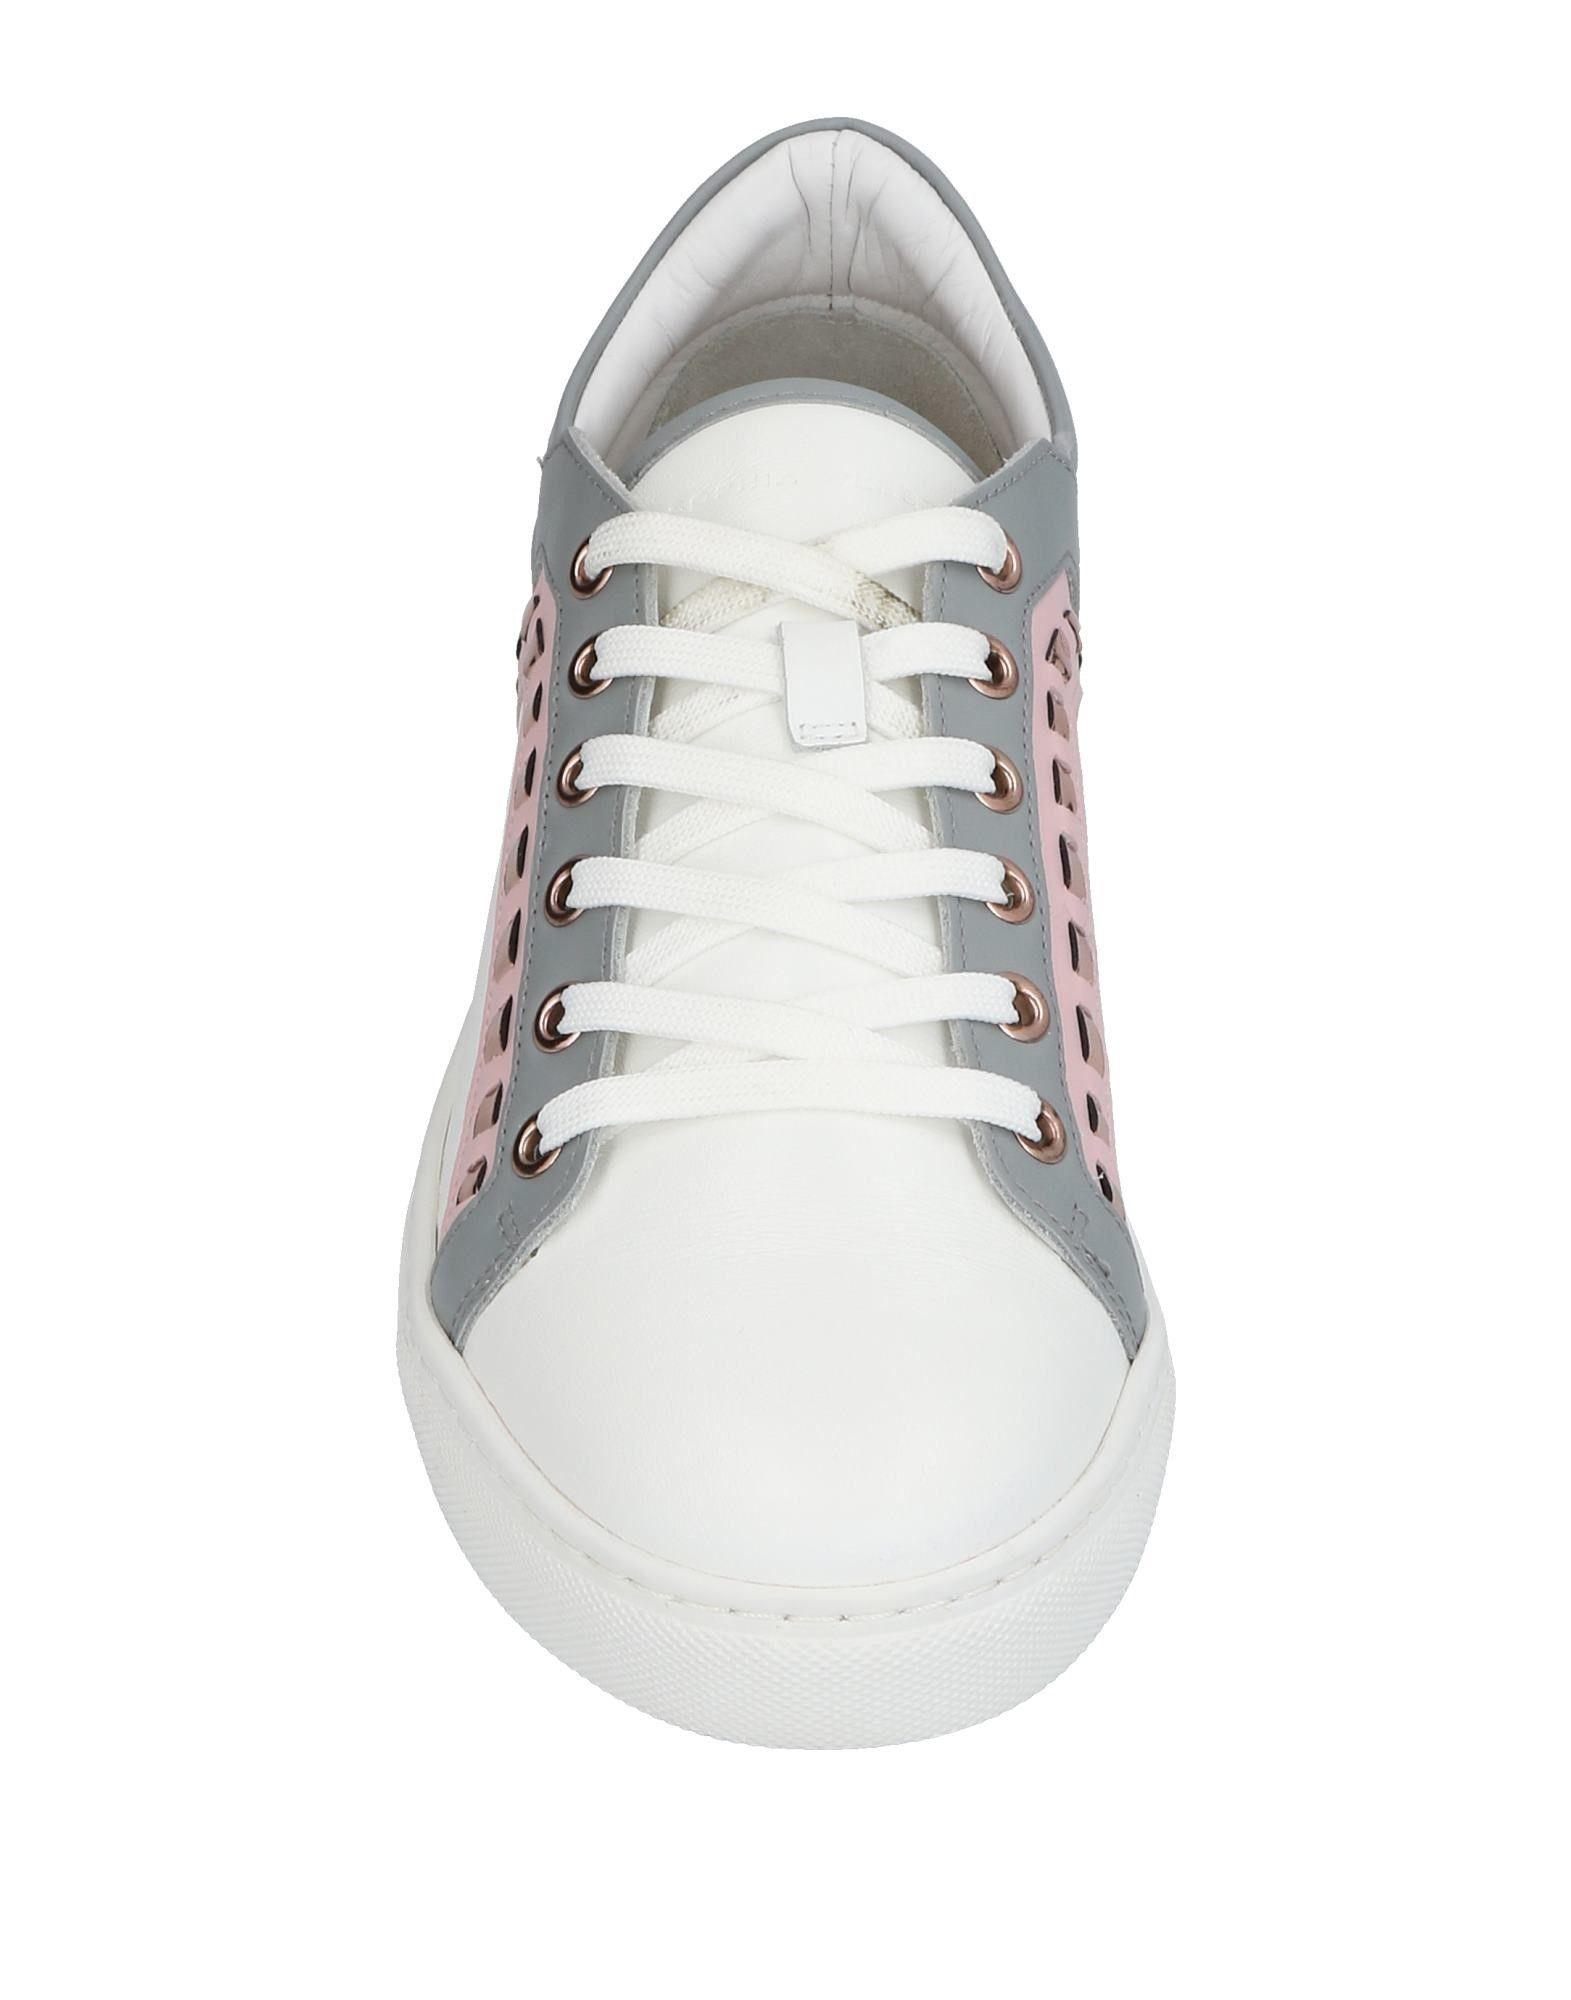 Sophia Webster Sneakers Damen  11448383FEGut aussehende strapazierfähige Schuhe